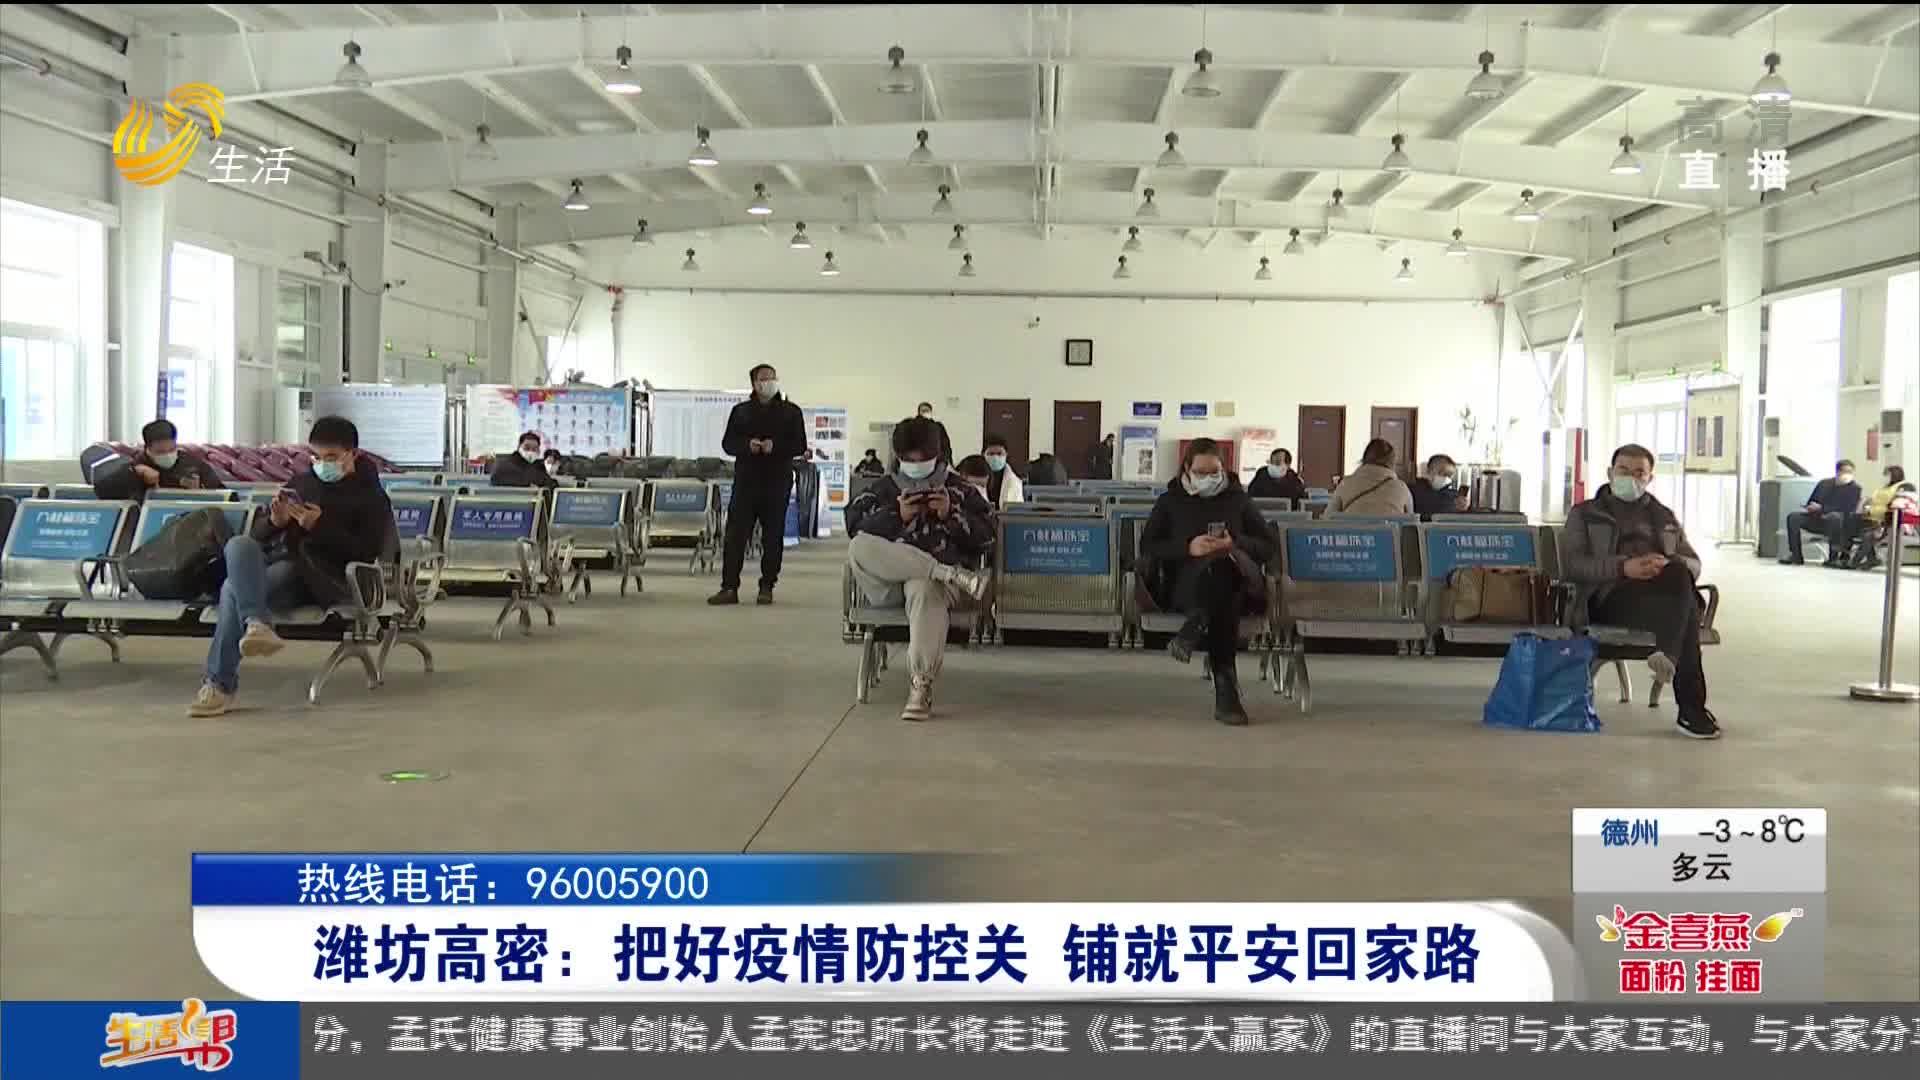 潍坊高密:把好疫情防控关 铺就平安回家路